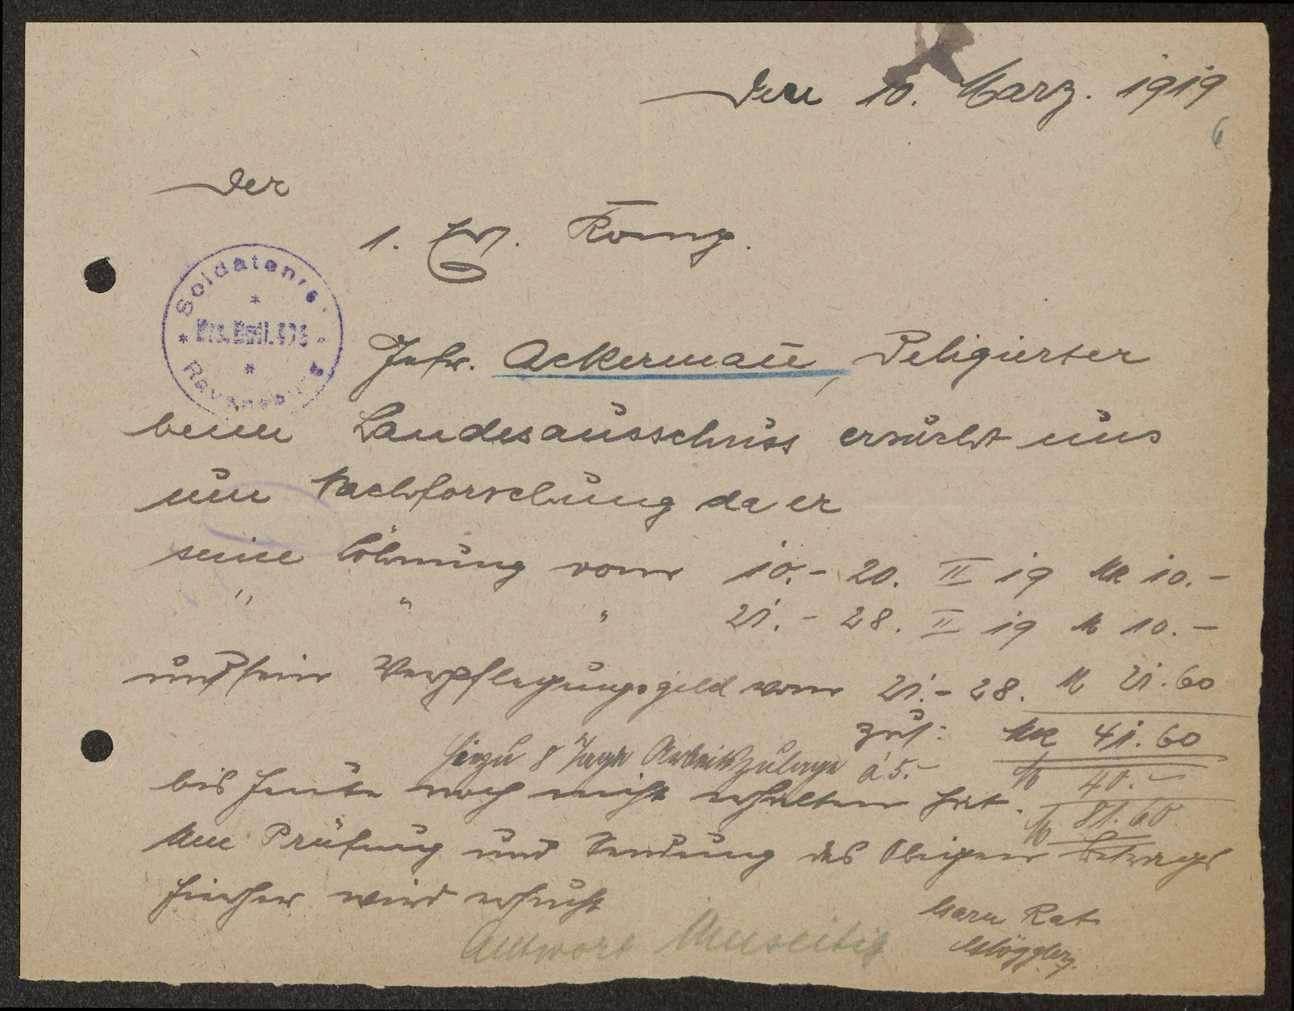 Festlegung der Zulagen der Soldatenratsmitglieder, Zahlung eines Vorschusses durch die Stadtpflege Ravensburg, Bild 3